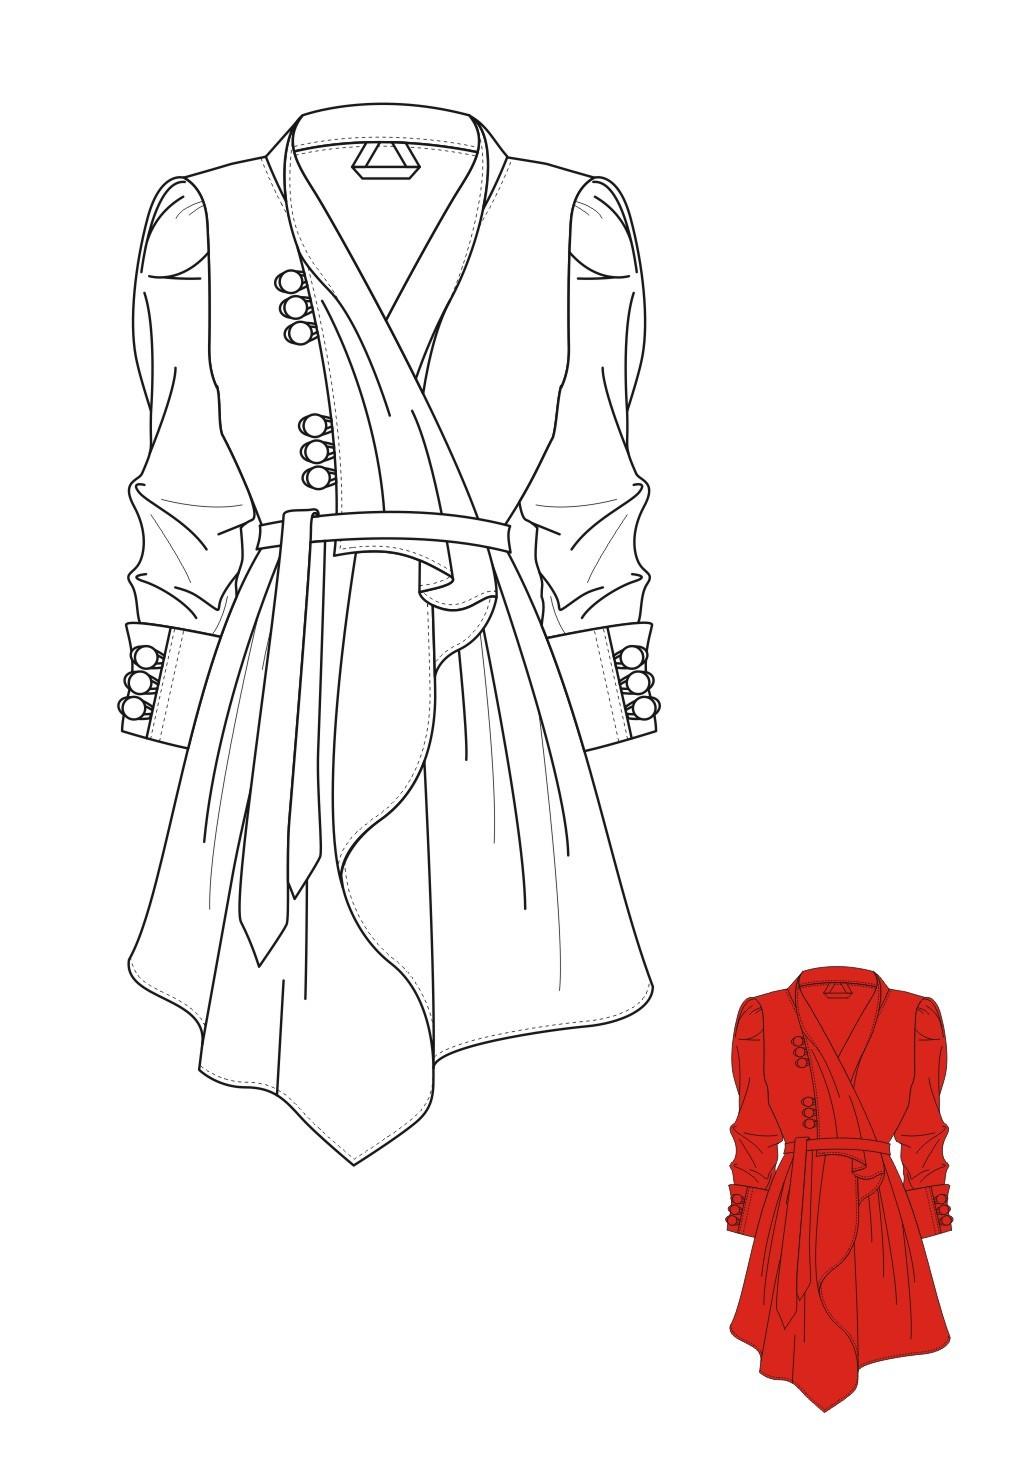 服装设计 服装手稿 上衣设计